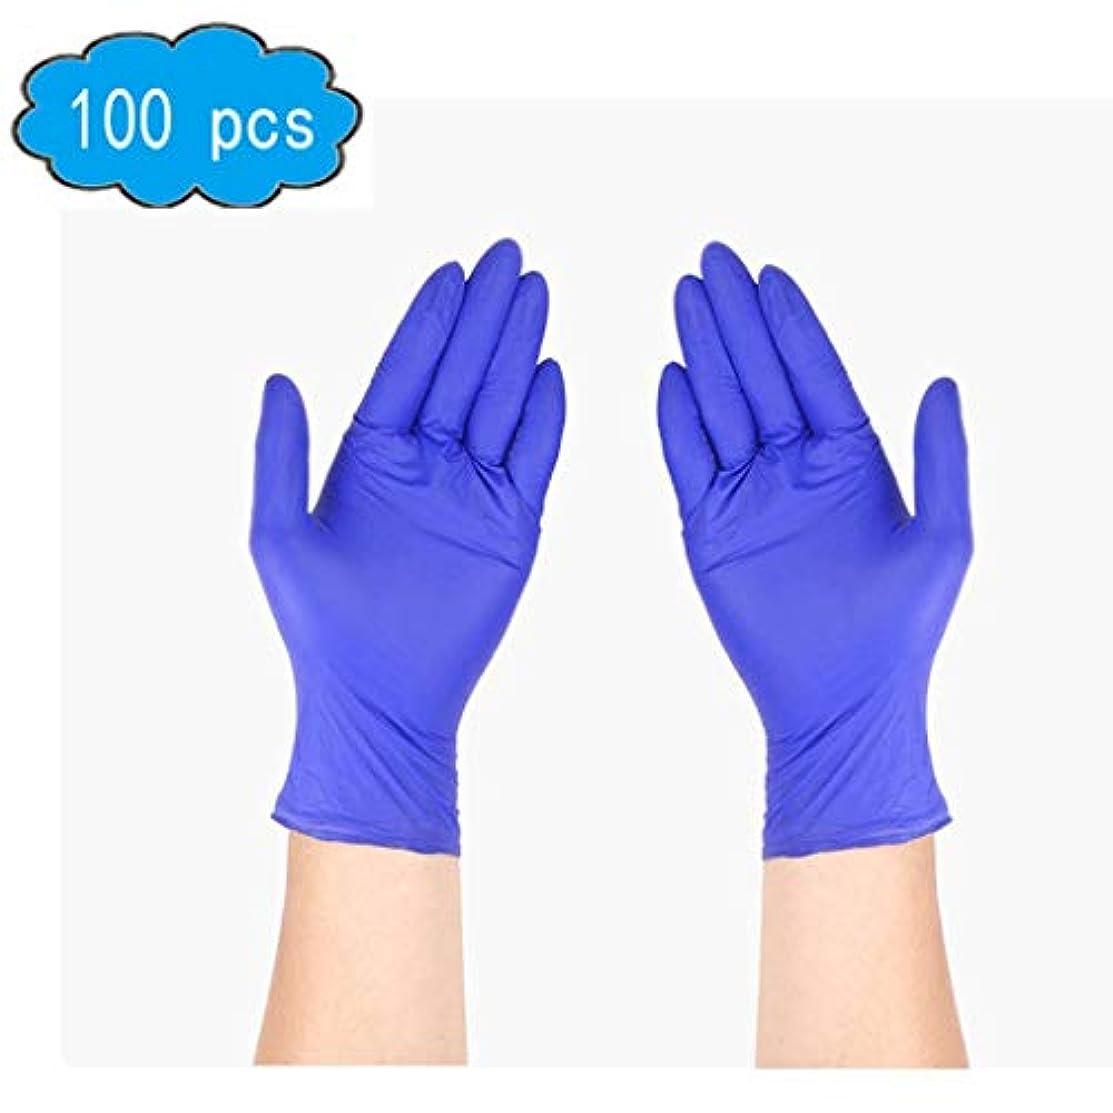 アコード約地味なニトリル試験用手袋 - 医療用グレード、使い捨て、パウダーフリー、ラテックスラバーフリー、ヘビーデューティー、テクスチャード、無菌、作業、医療、食品安全、クリーニング、卸売、特大(100個入り)、応急処置用品 (Color...